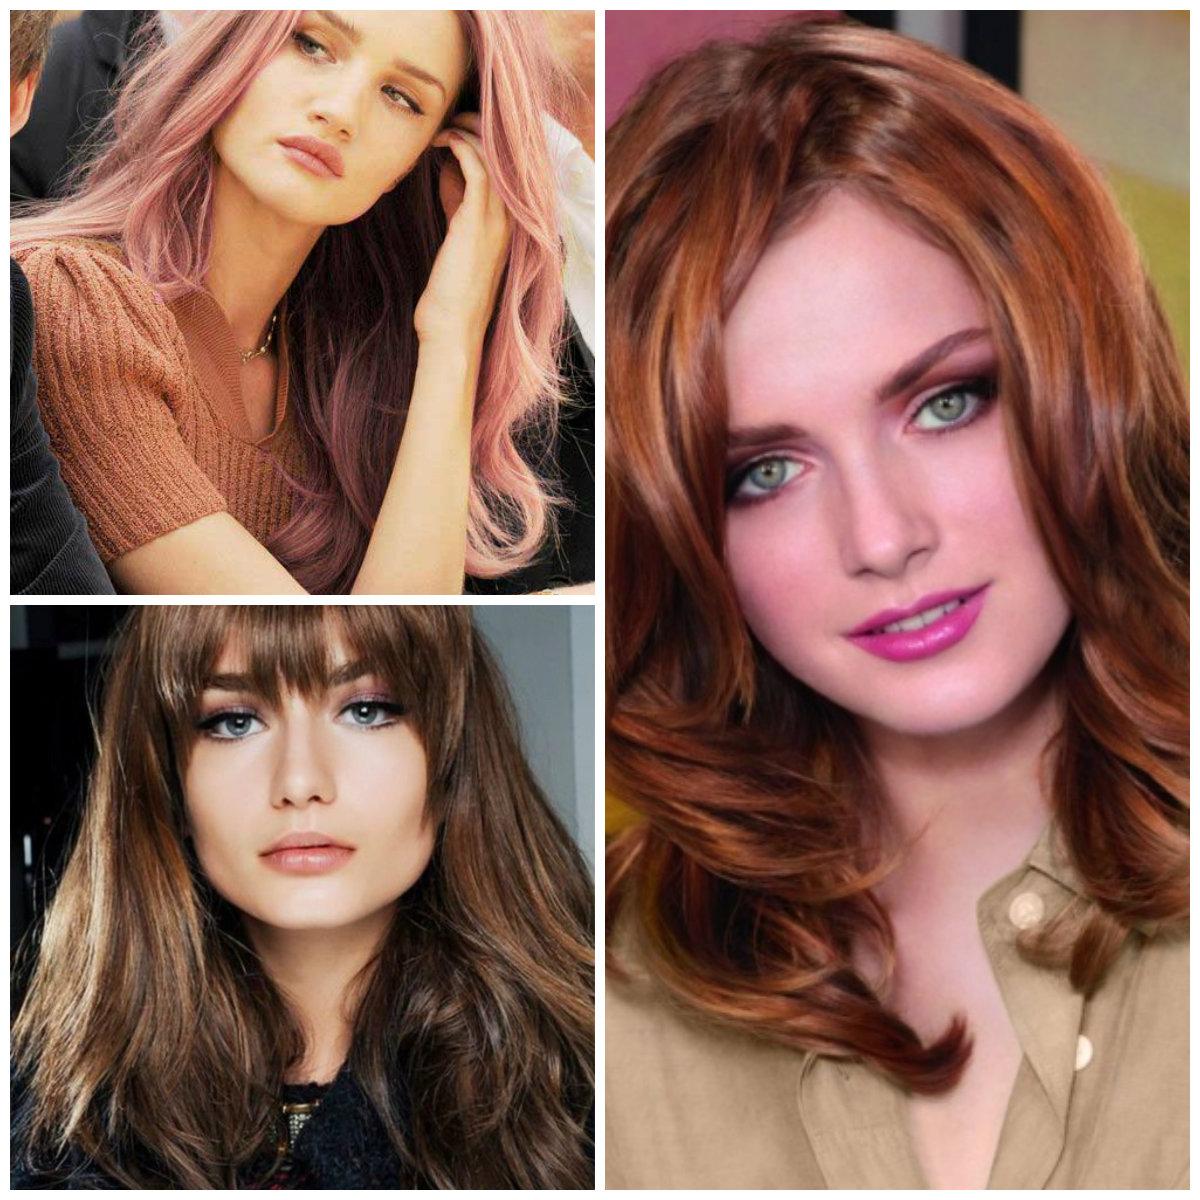 Idéias de cores de cabelo útil e moderno para senhoras elegantes